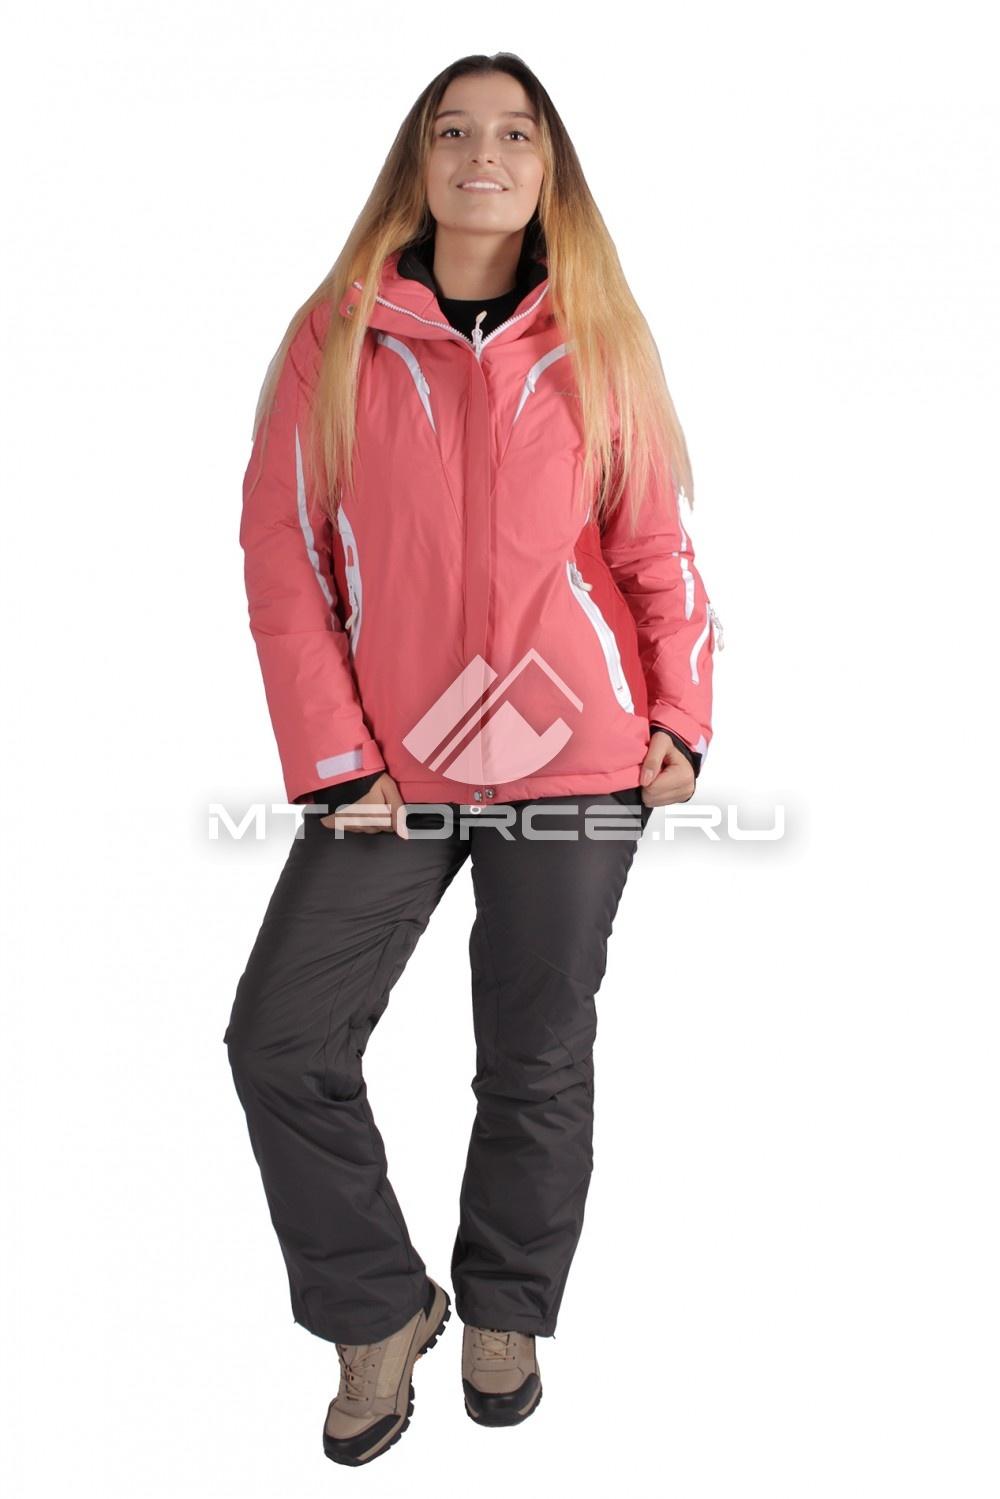 Купить                                  оптом Костюм горнолыжный женский розового цвета 01628R